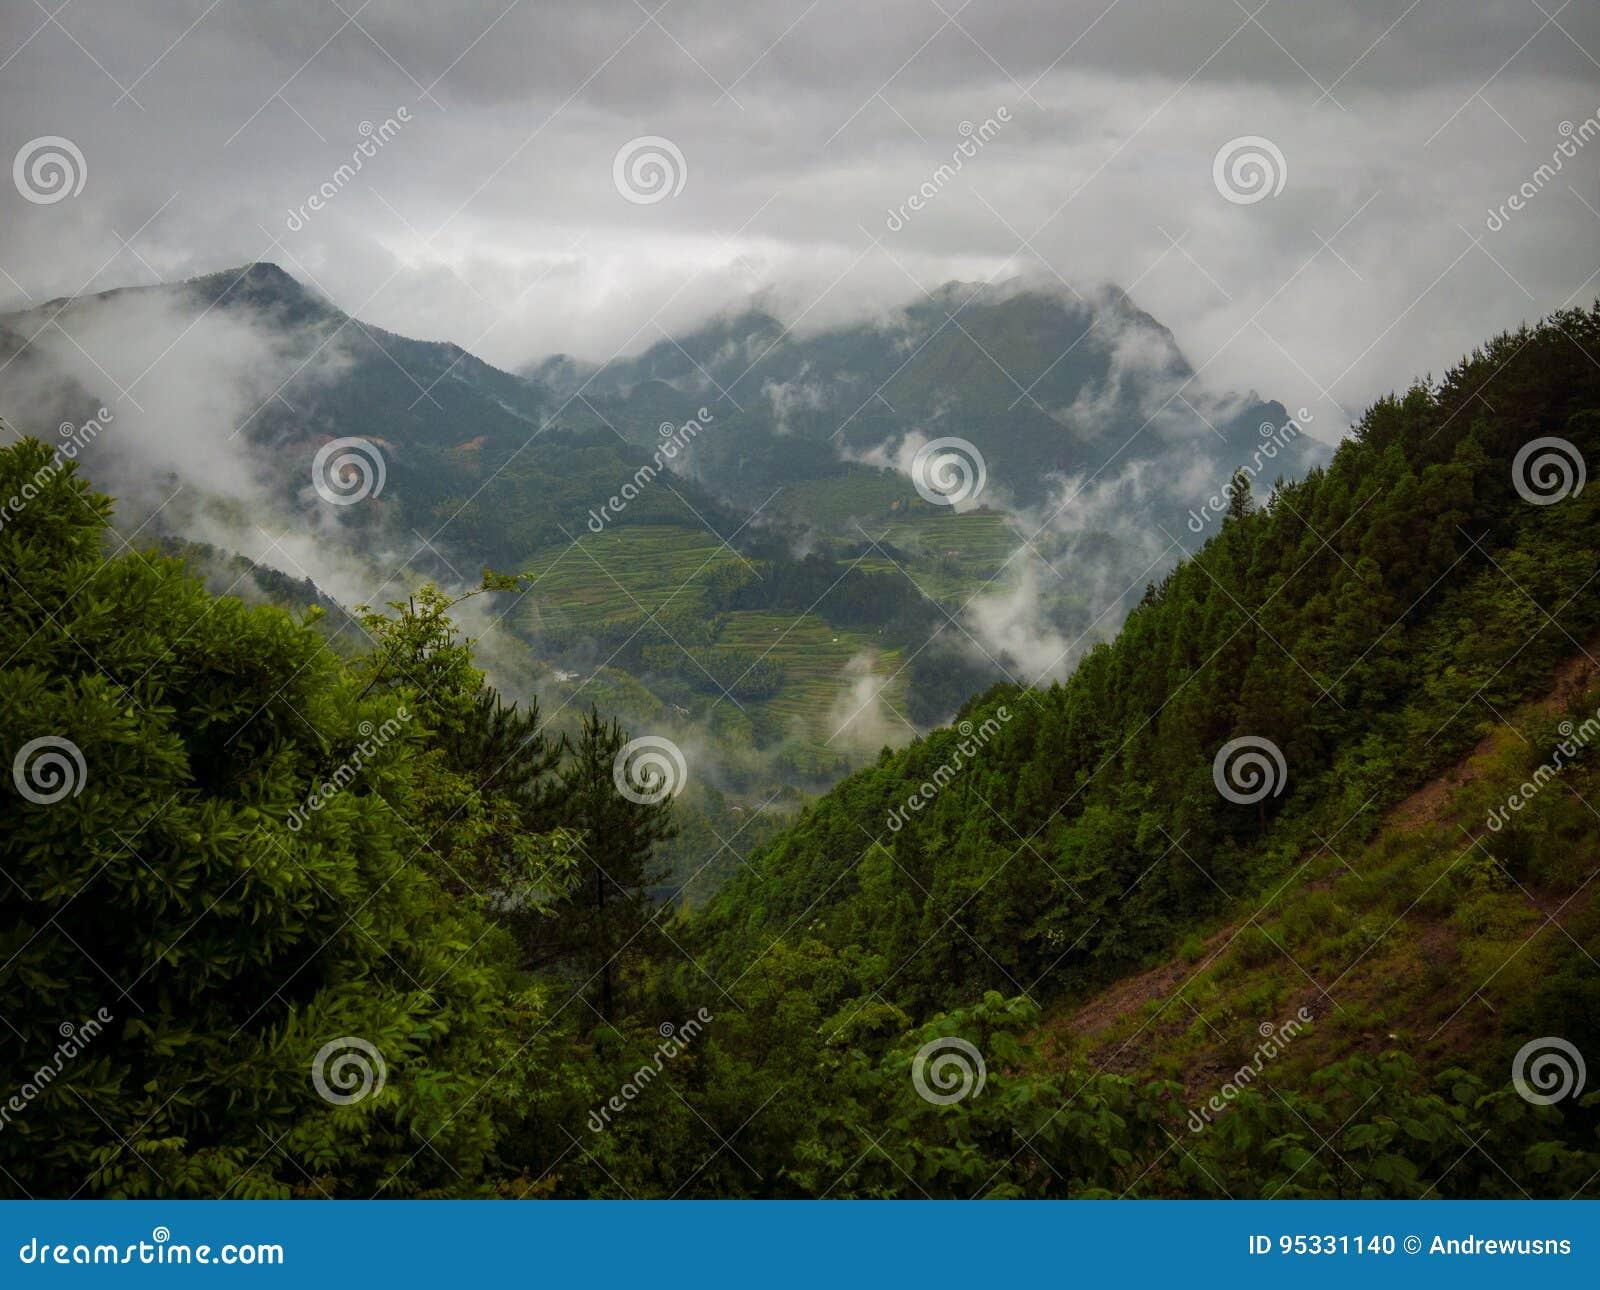 Village seen thorugh clouds around the mountain